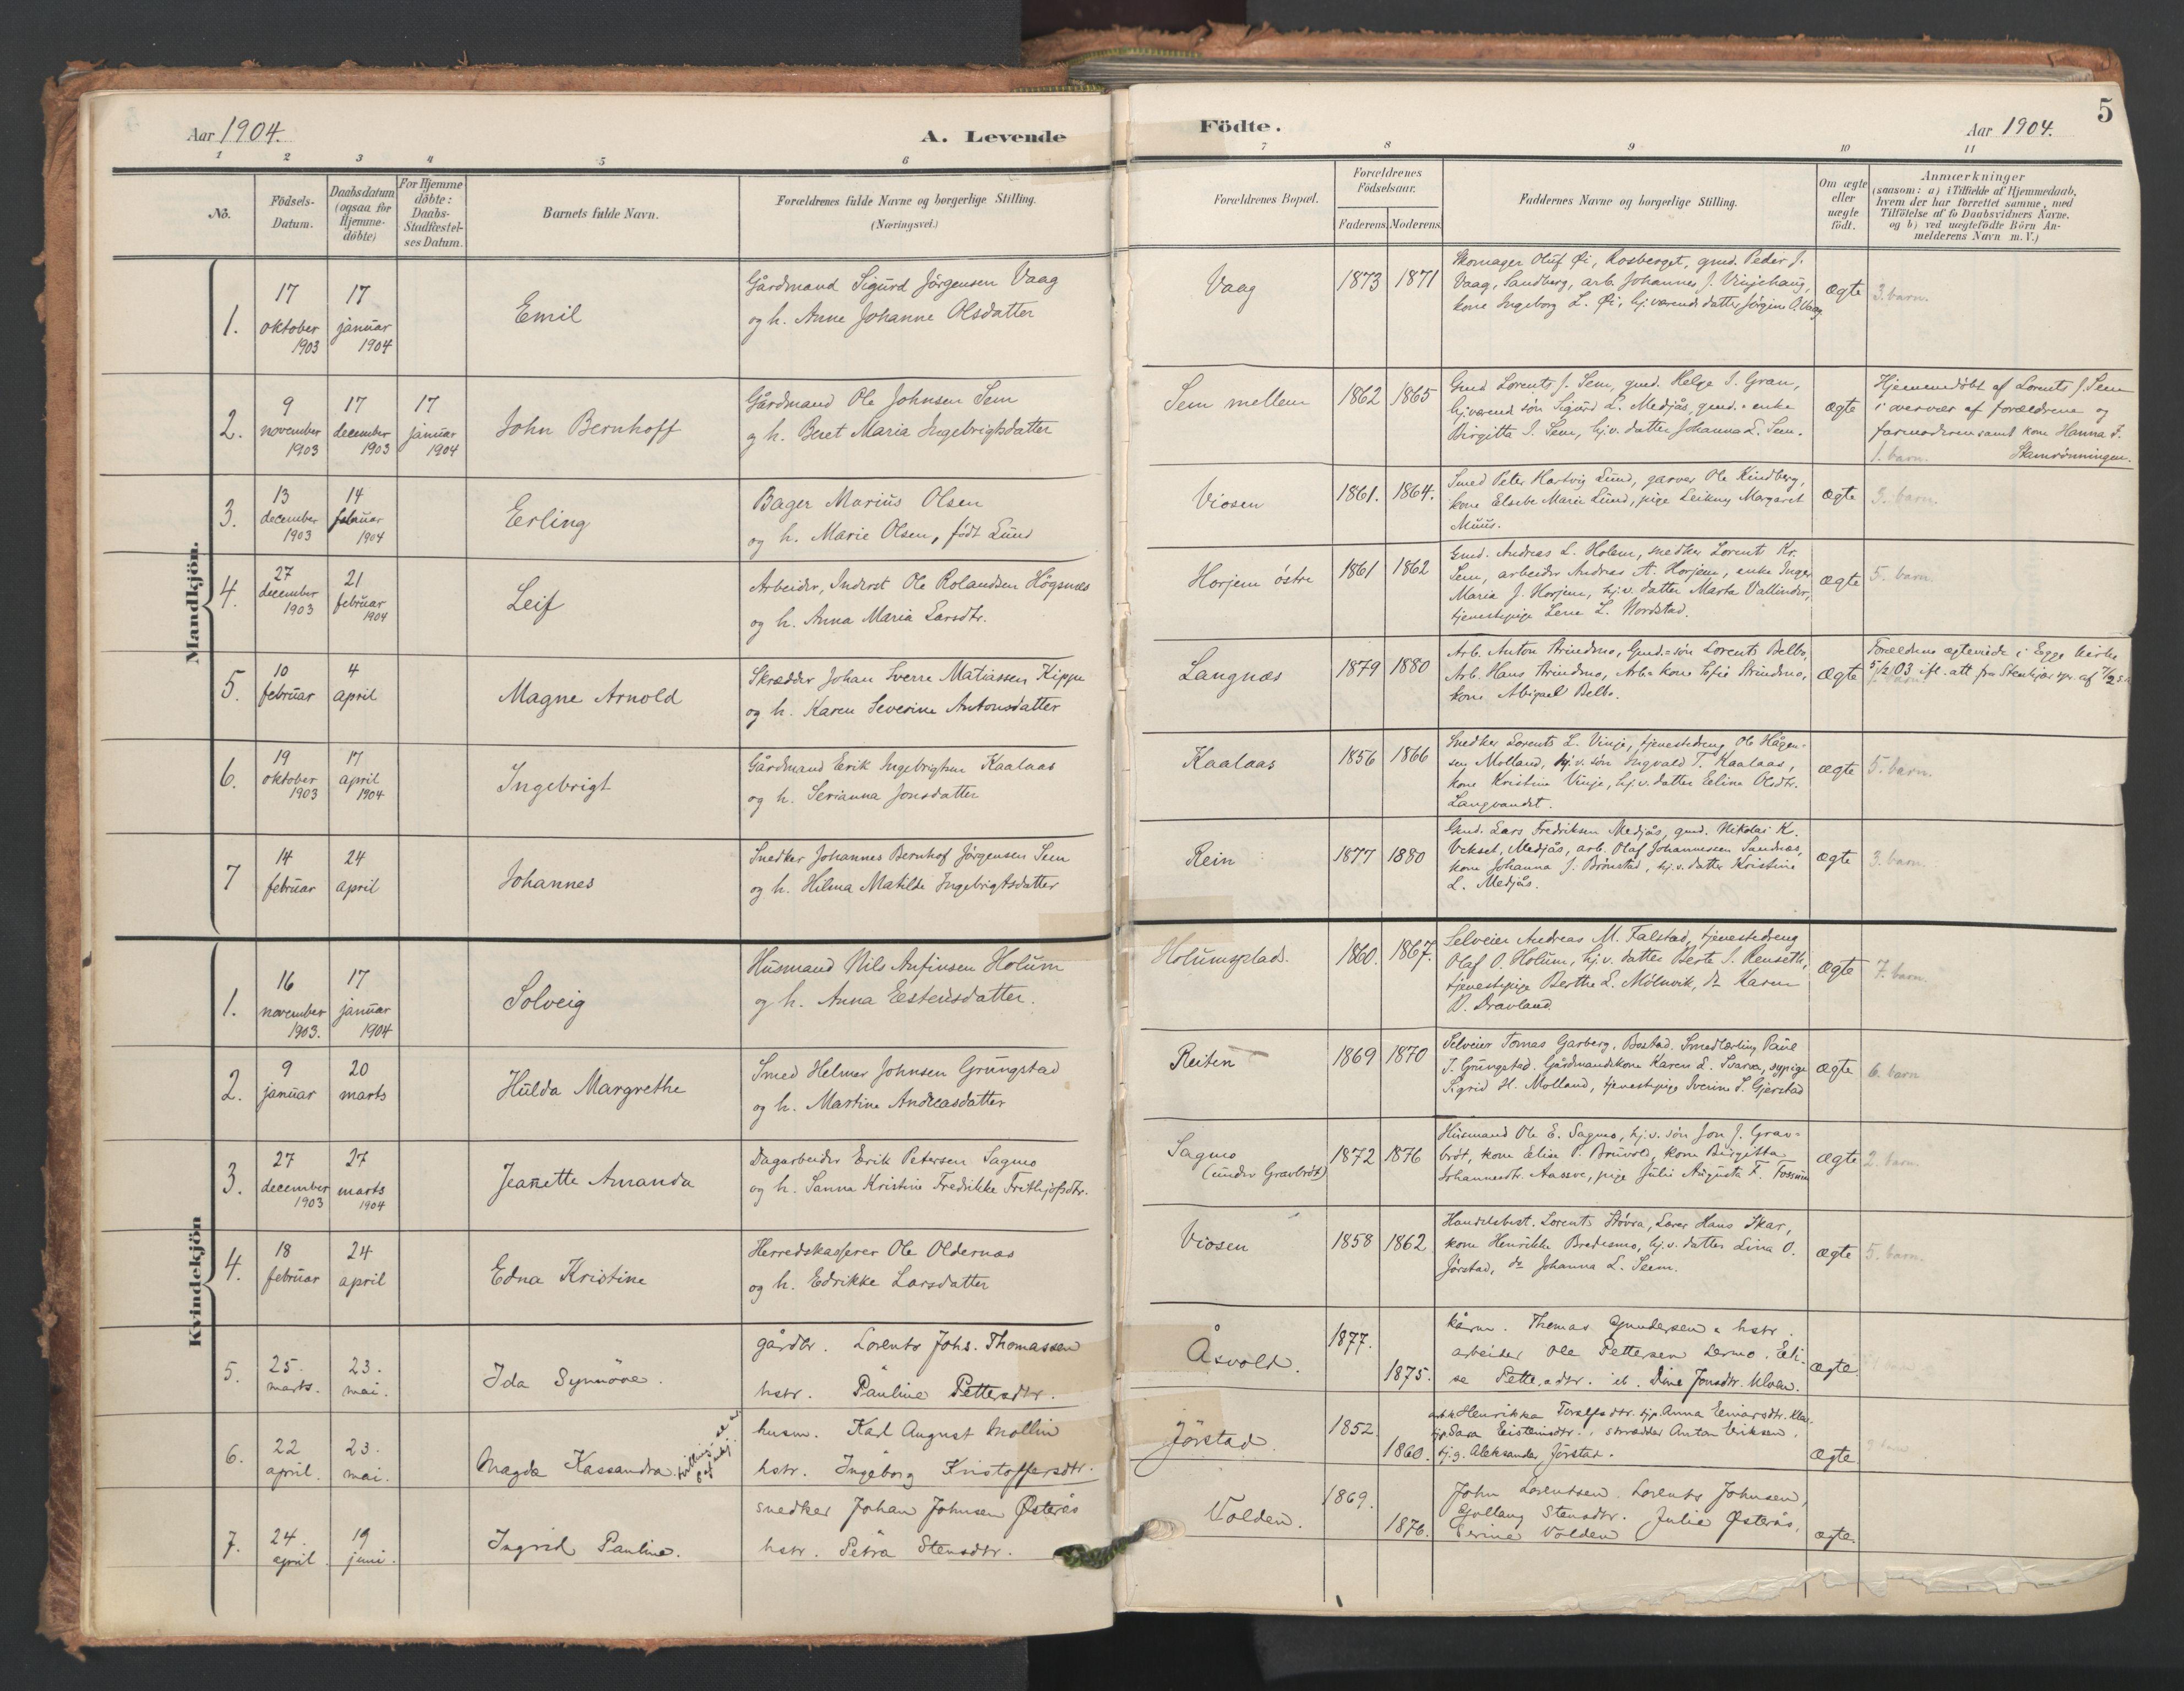 SAT, Ministerialprotokoller, klokkerbøker og fødselsregistre - Nord-Trøndelag, 749/L0477: Ministerialbok nr. 749A11, 1902-1927, s. 5